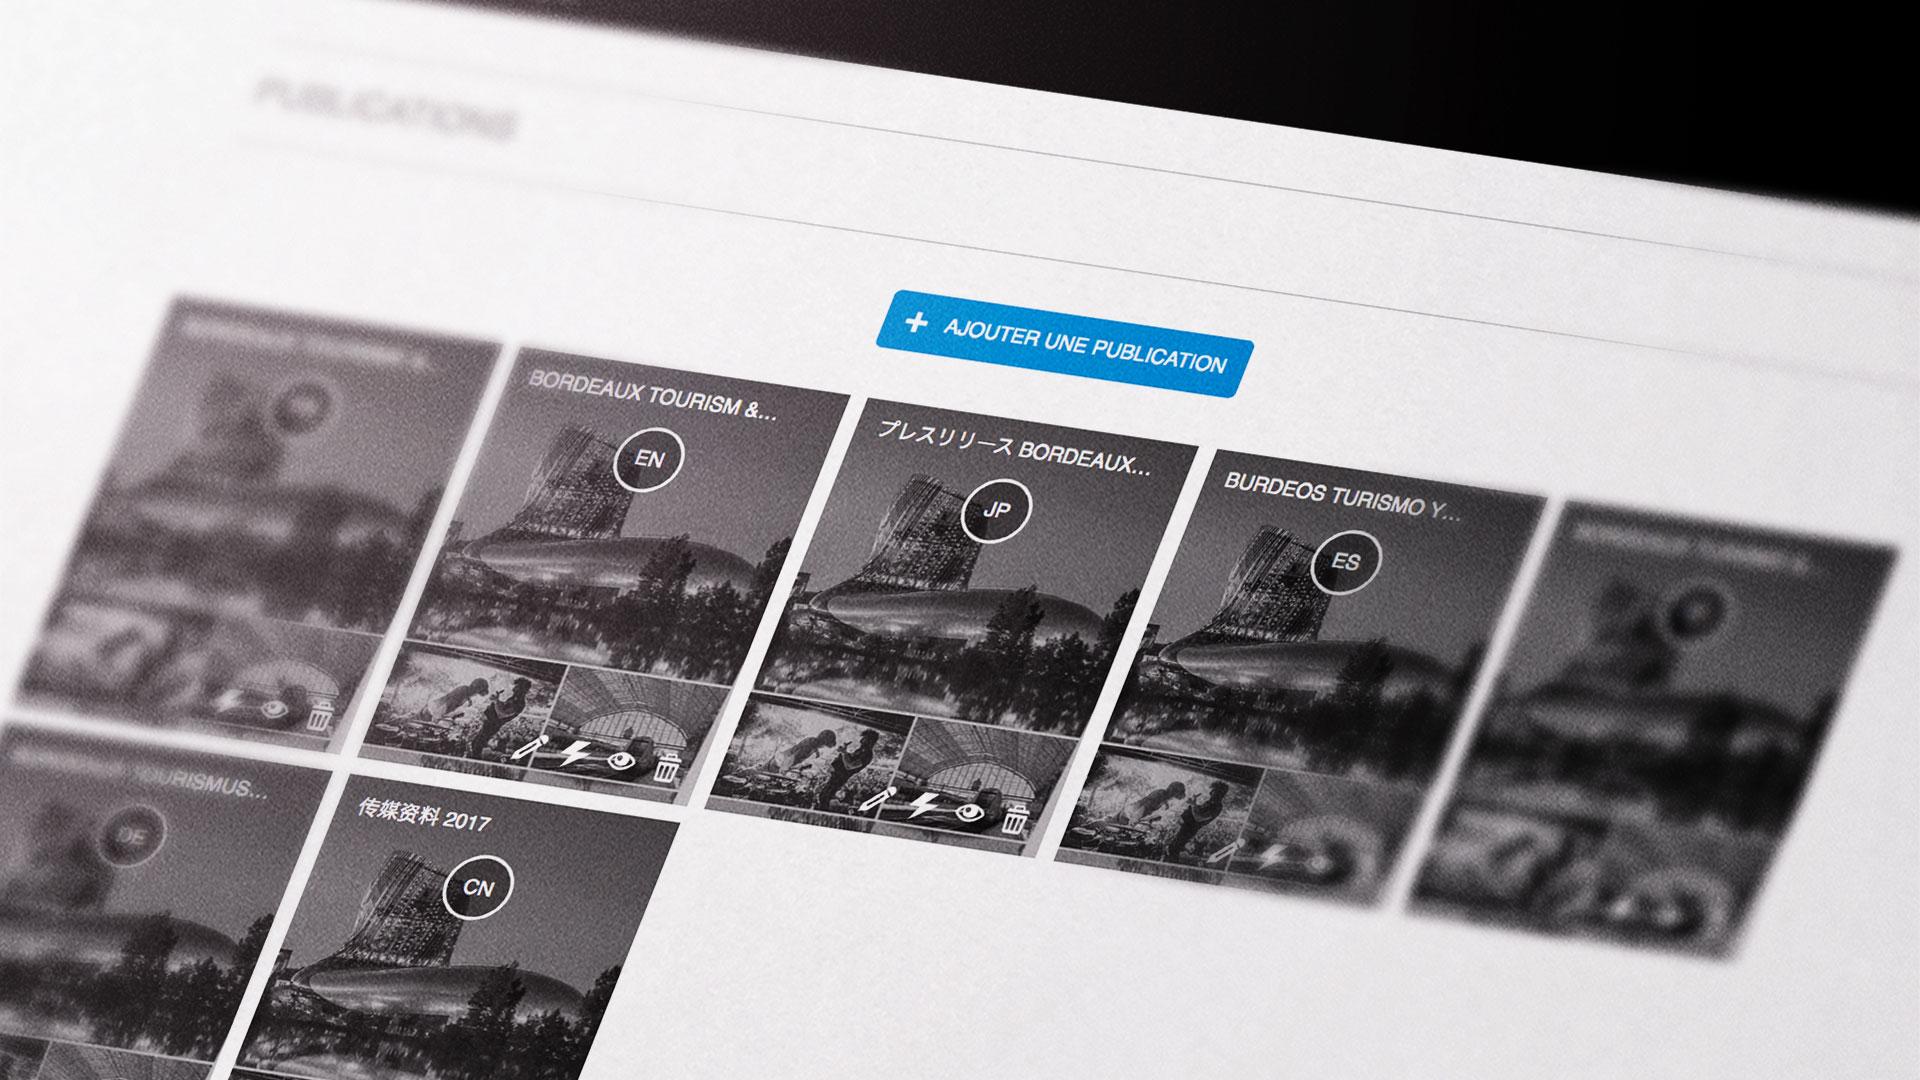 Web App dossier de presse numérique